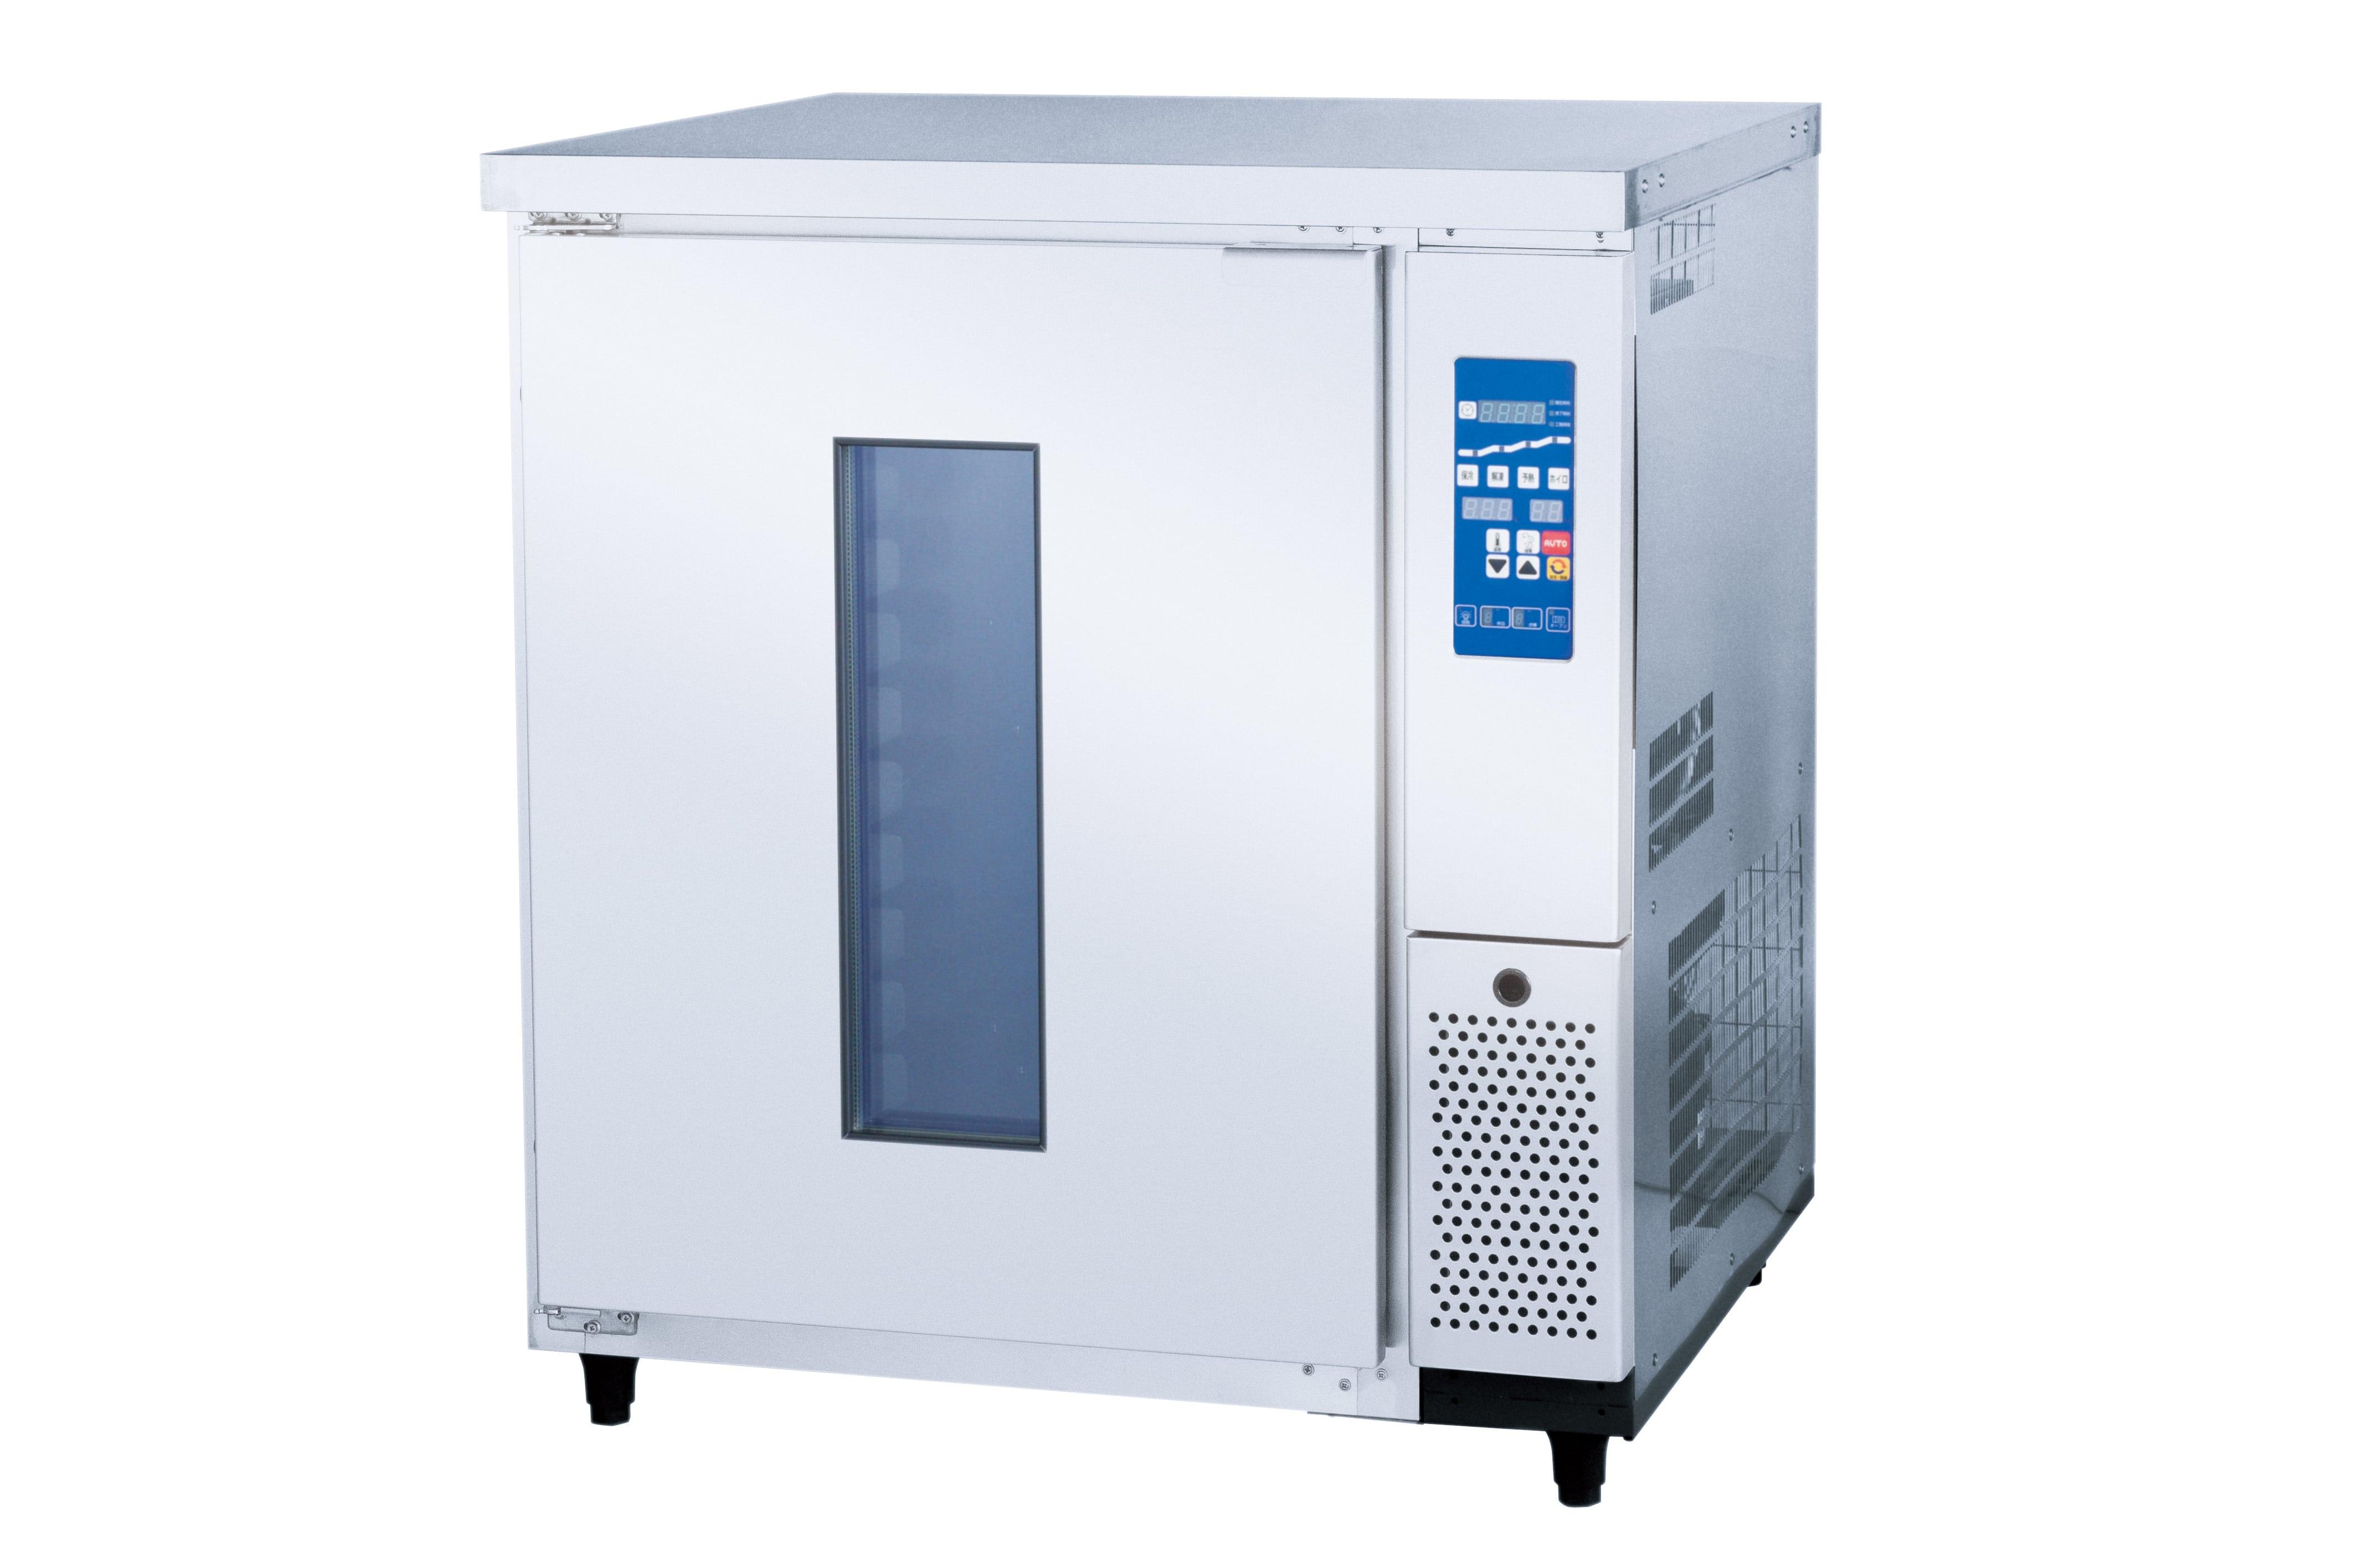 ドゥコンディショナーQB型 - (ベーカリー機器 ドゥコンディショナー・ホイロ):厨房機器・厨房設計の日本給食設備株式会社